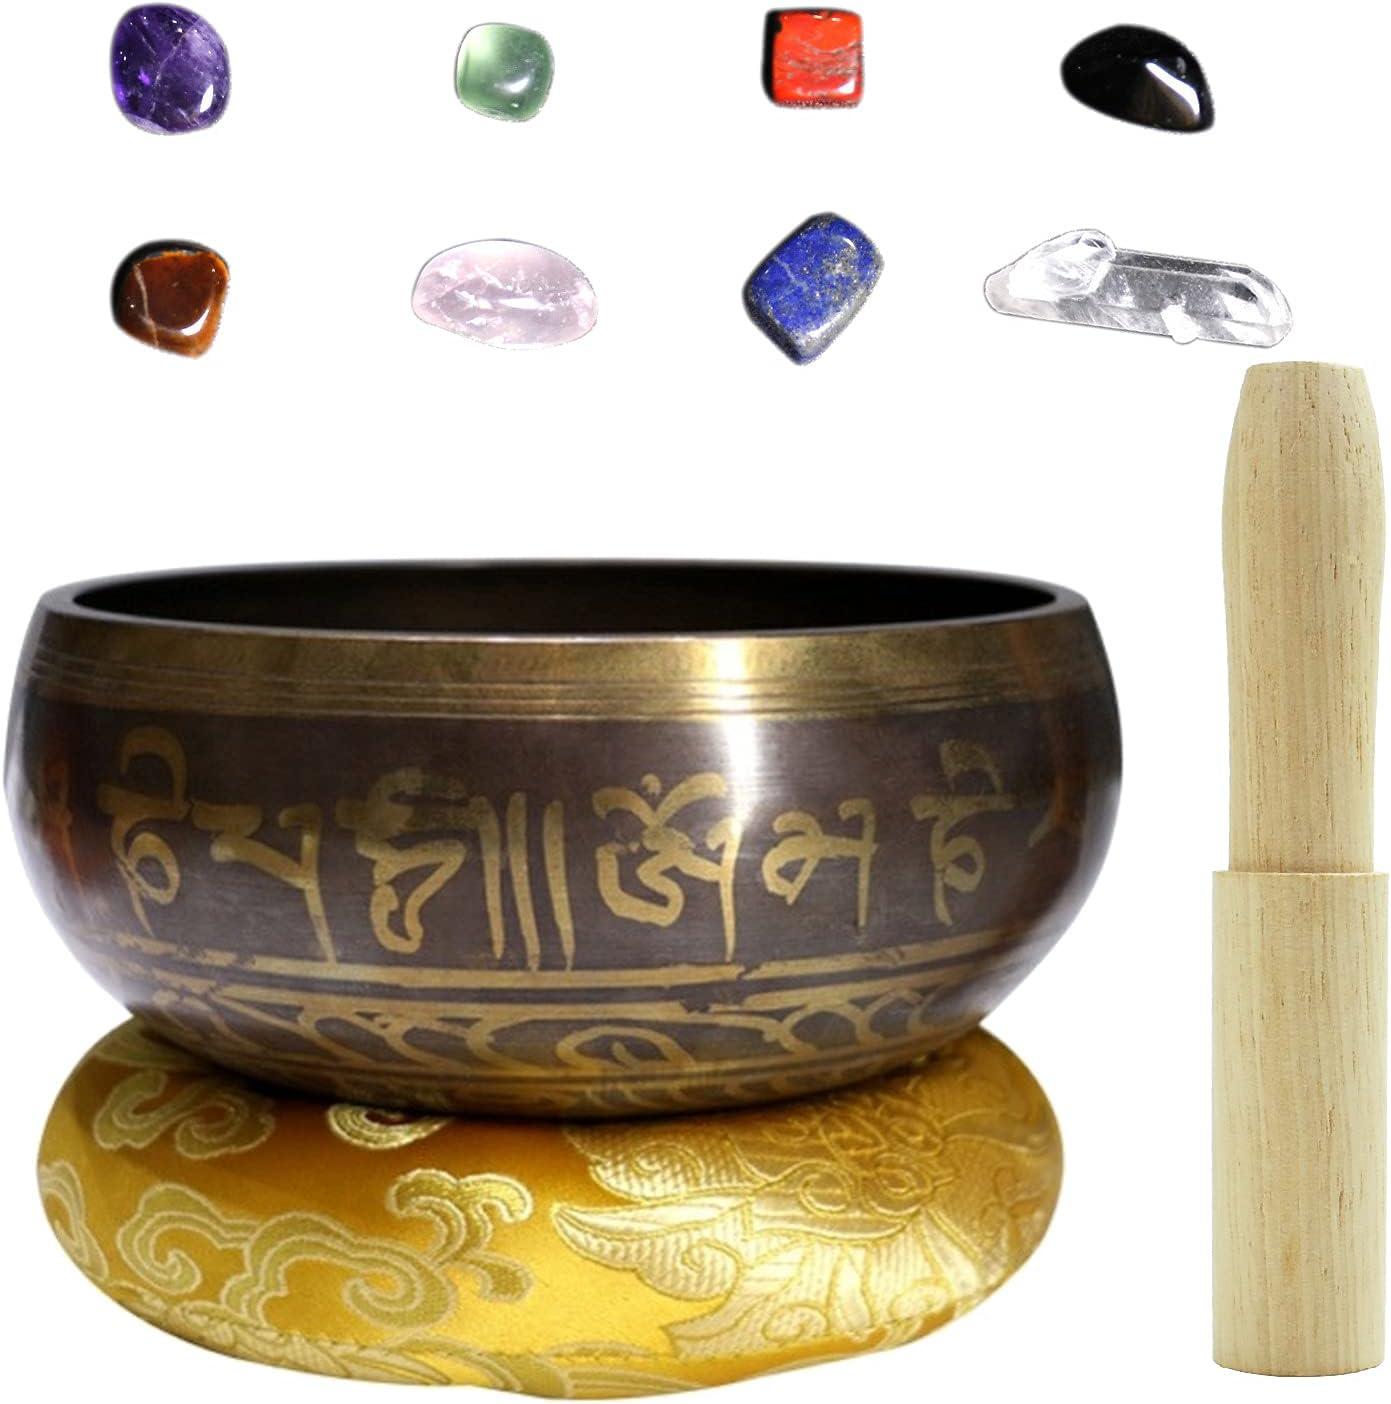 Tazón de Cantar Tibetano, 10.5cm Juego de Cuenco Tibetano a Mano con Mazo, Piedras de Cristal y Cojín de Seda, Cuencos Tibetanos para Meditación para Relajación, Sanación, Meditación